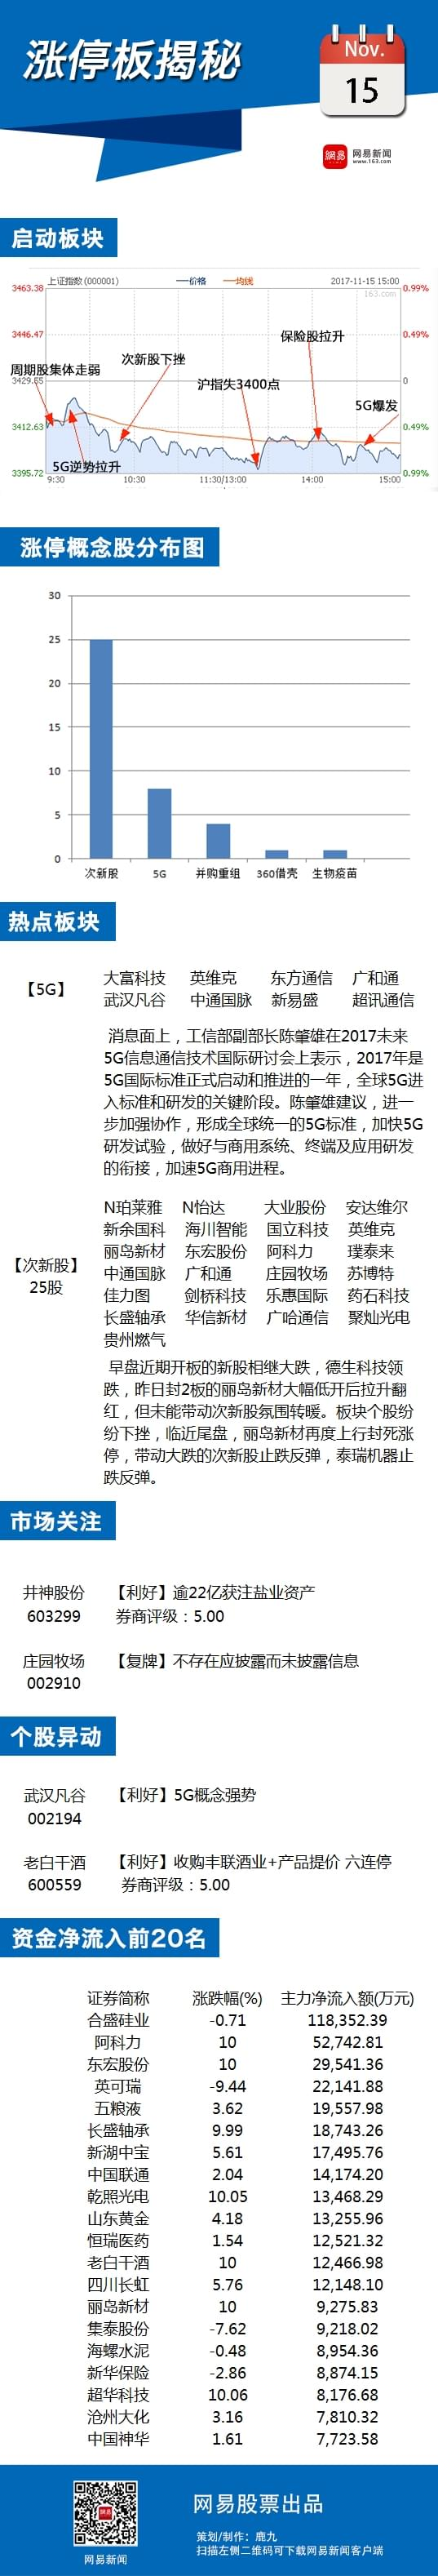 11月15日涨停板揭秘:5G概念一枝独秀